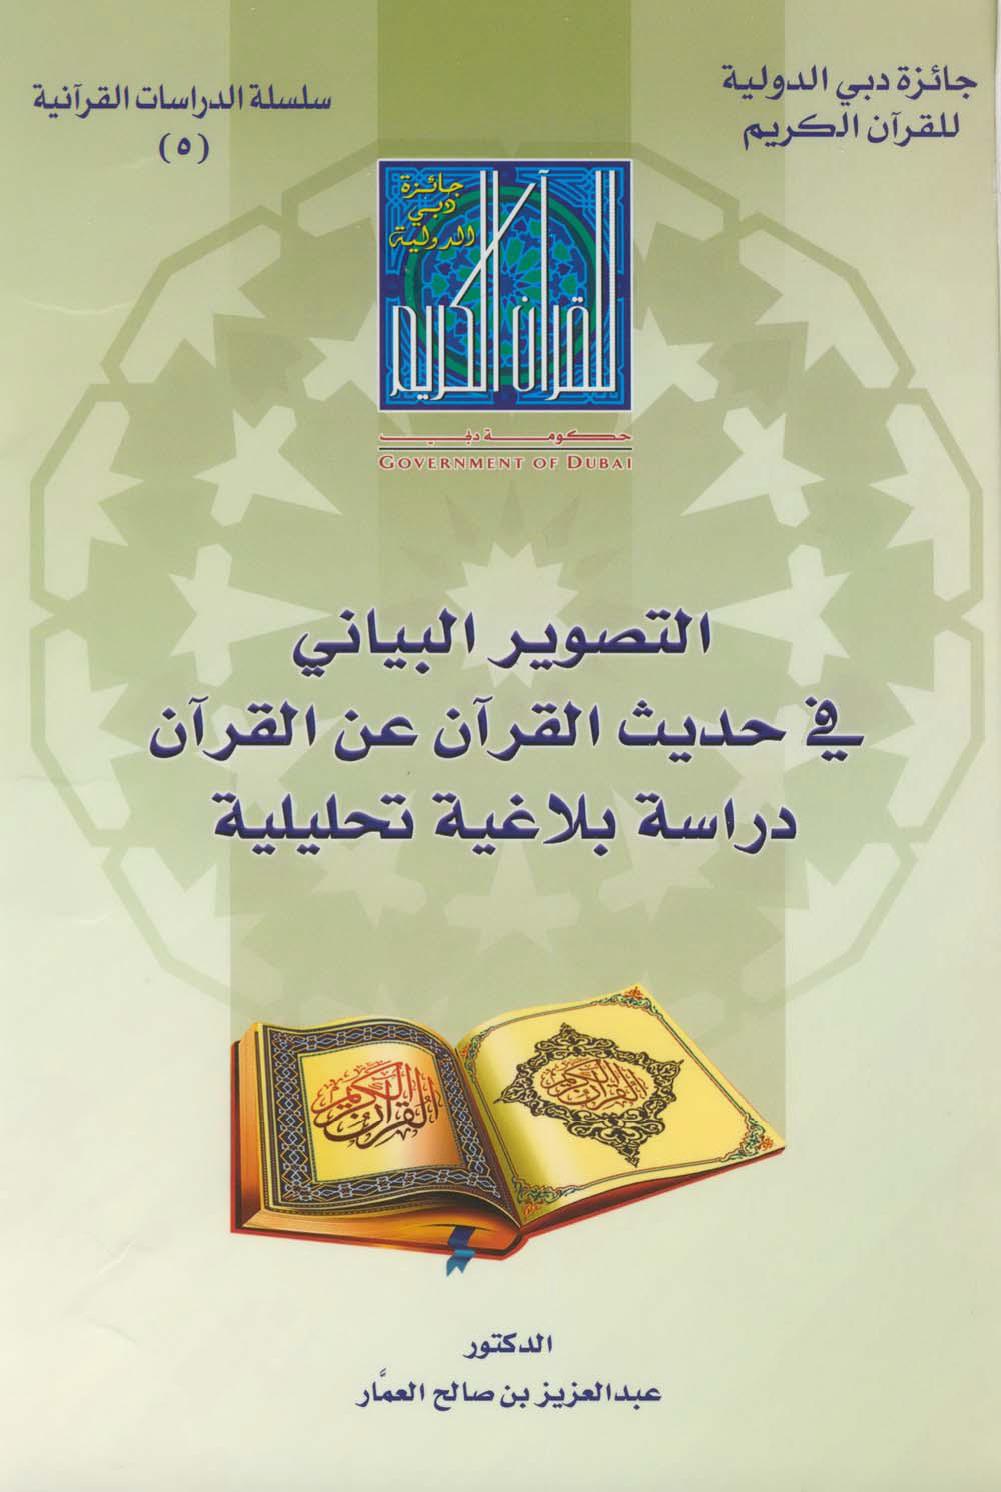 تحميل كتاب التصوير البياني في حديث القرآن عن القرآن (دراسة بلاغية تحليلية) لـِ: الدكتور عبد العزيز بن صالح بن عبد العزيز العمار